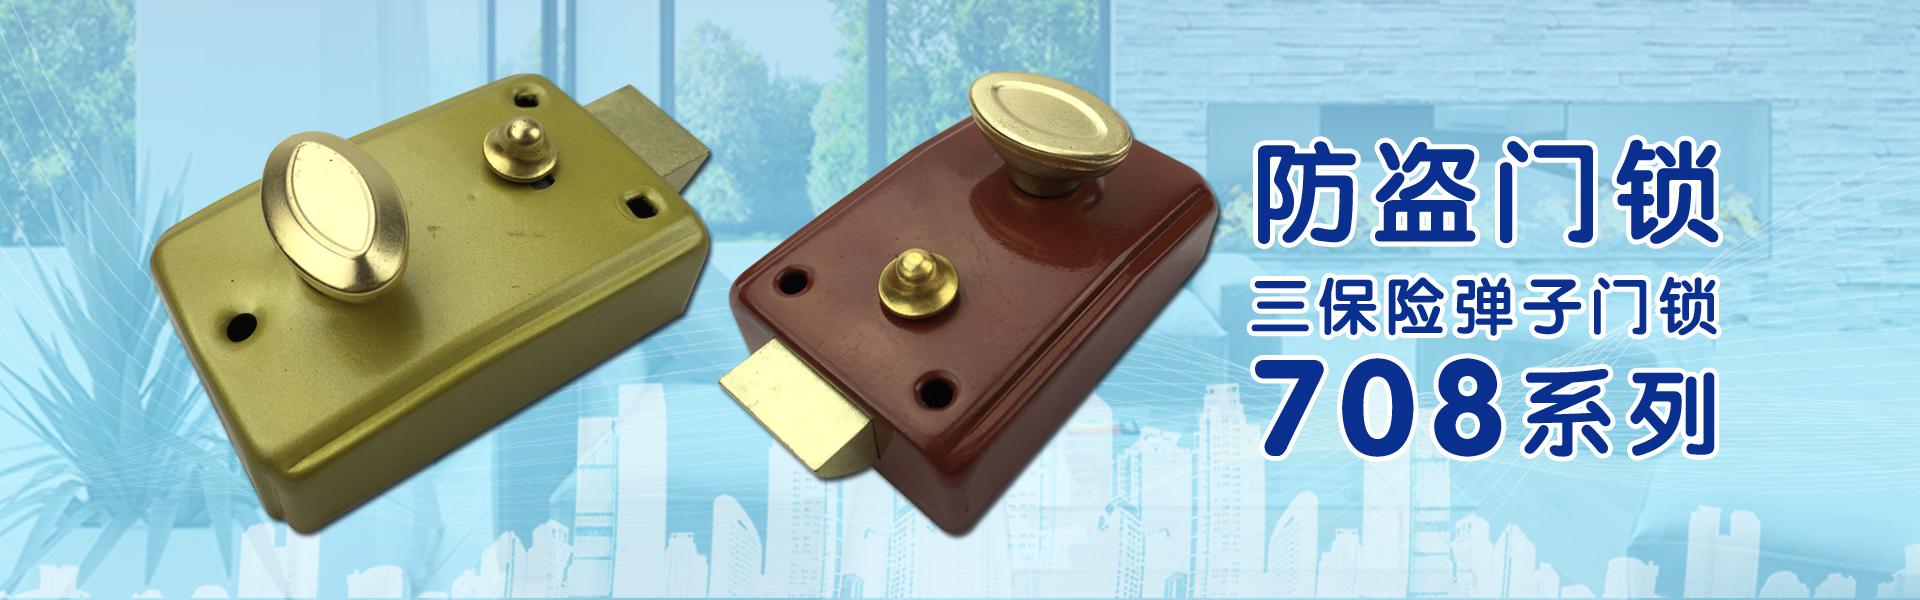 高要市金利镇源发五金锁厂是一家以门锁五金的研发、制造、营销、服务为一体的专业化现代企业,主要生产批发三保险弹子门锁、老式门锁。